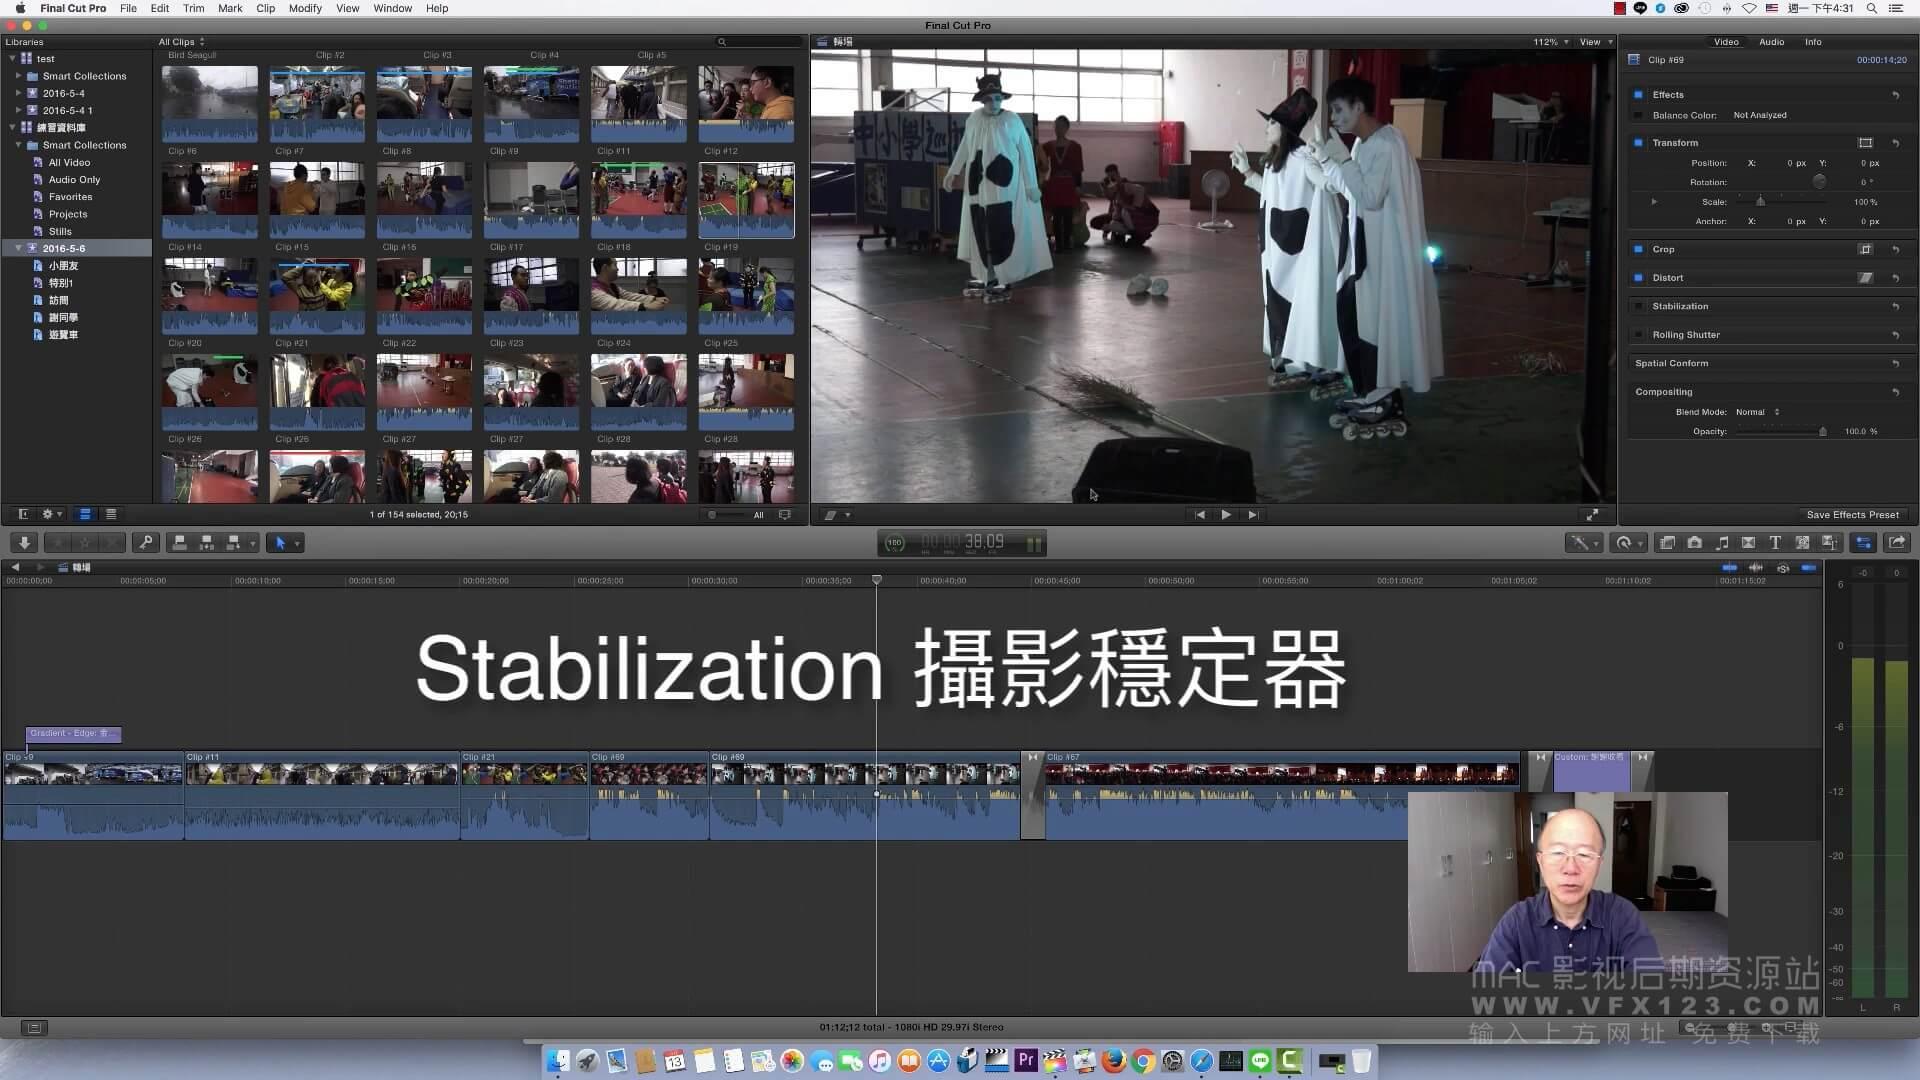 第22课:  在Final Cut Pro X中使用稳定器降低视频抖动